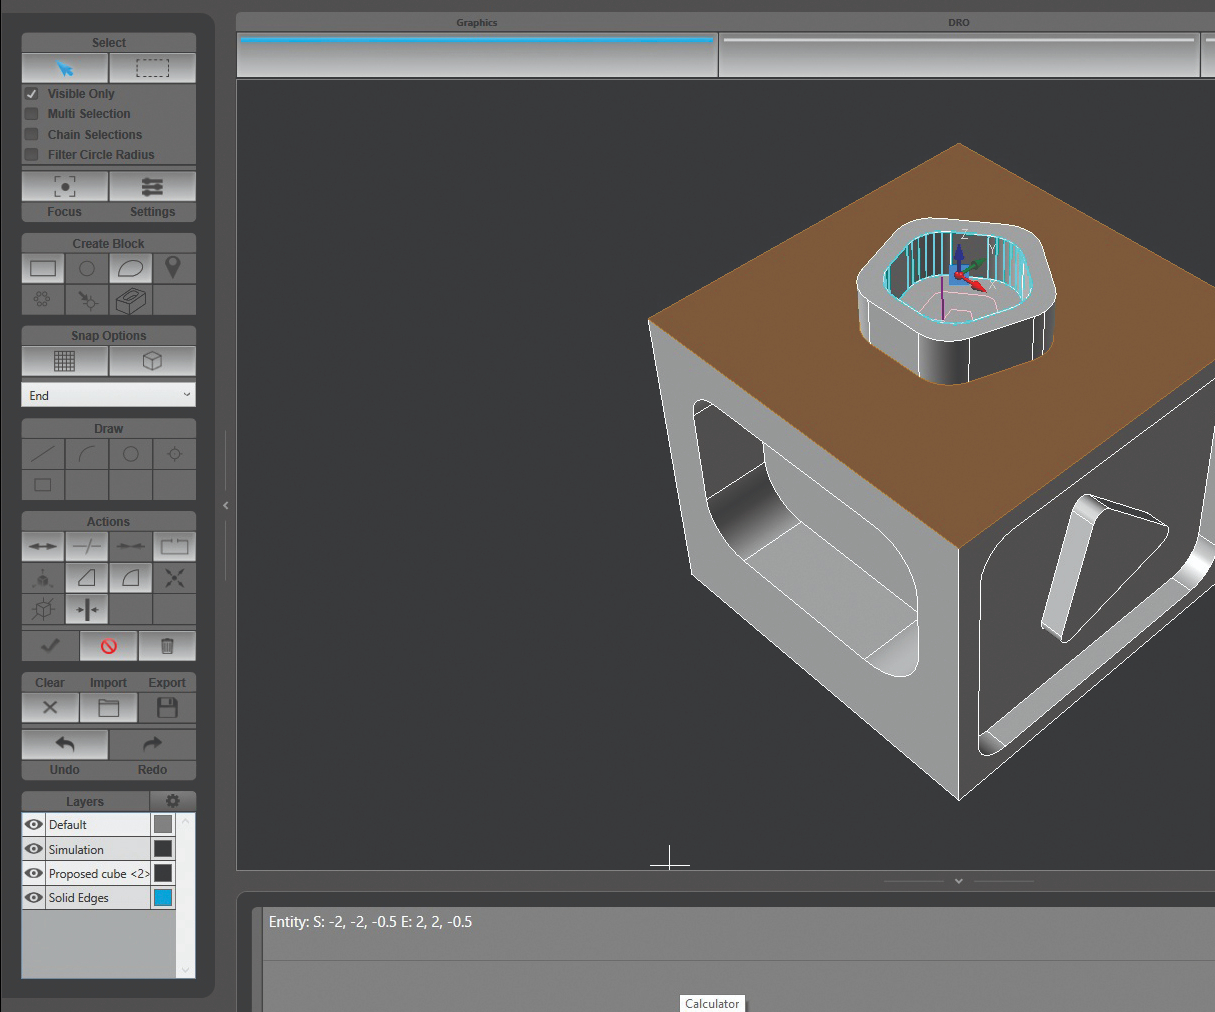 Los usuarios pueden colocar modelos sólidos para ver las operaciones que se mecanizarán. Para una cavidad, el usuario seleccionaría su piso y su parte superior, y la profundidad se extraerá automáticamente del modelo.